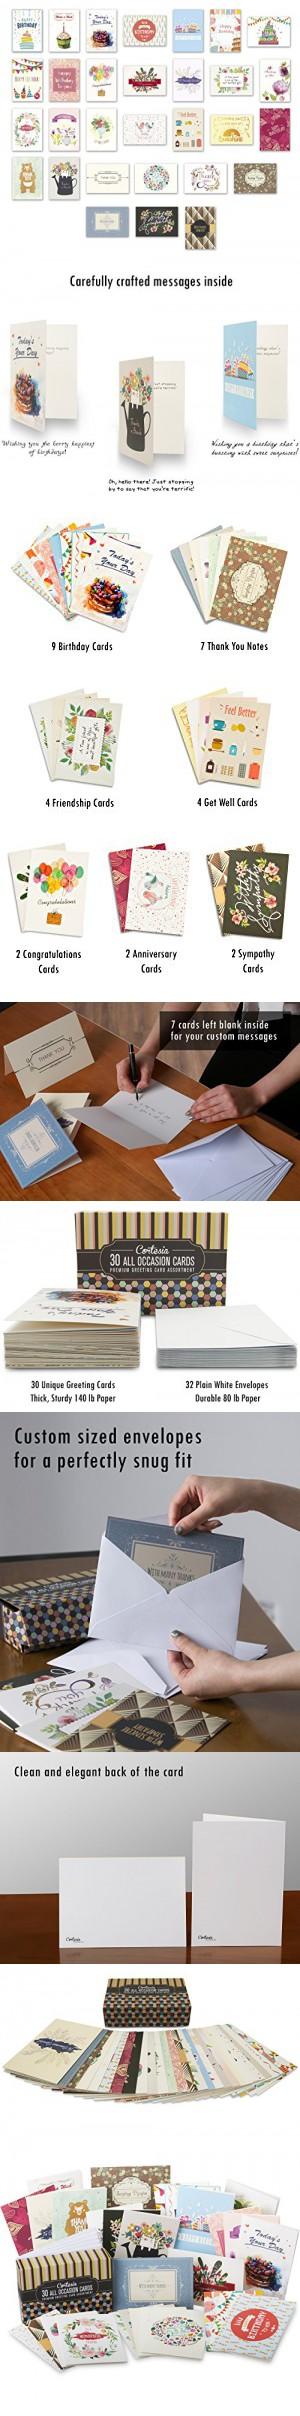 Cortesia All Occasion Premium Greeting Cards Assortment 30 Unique